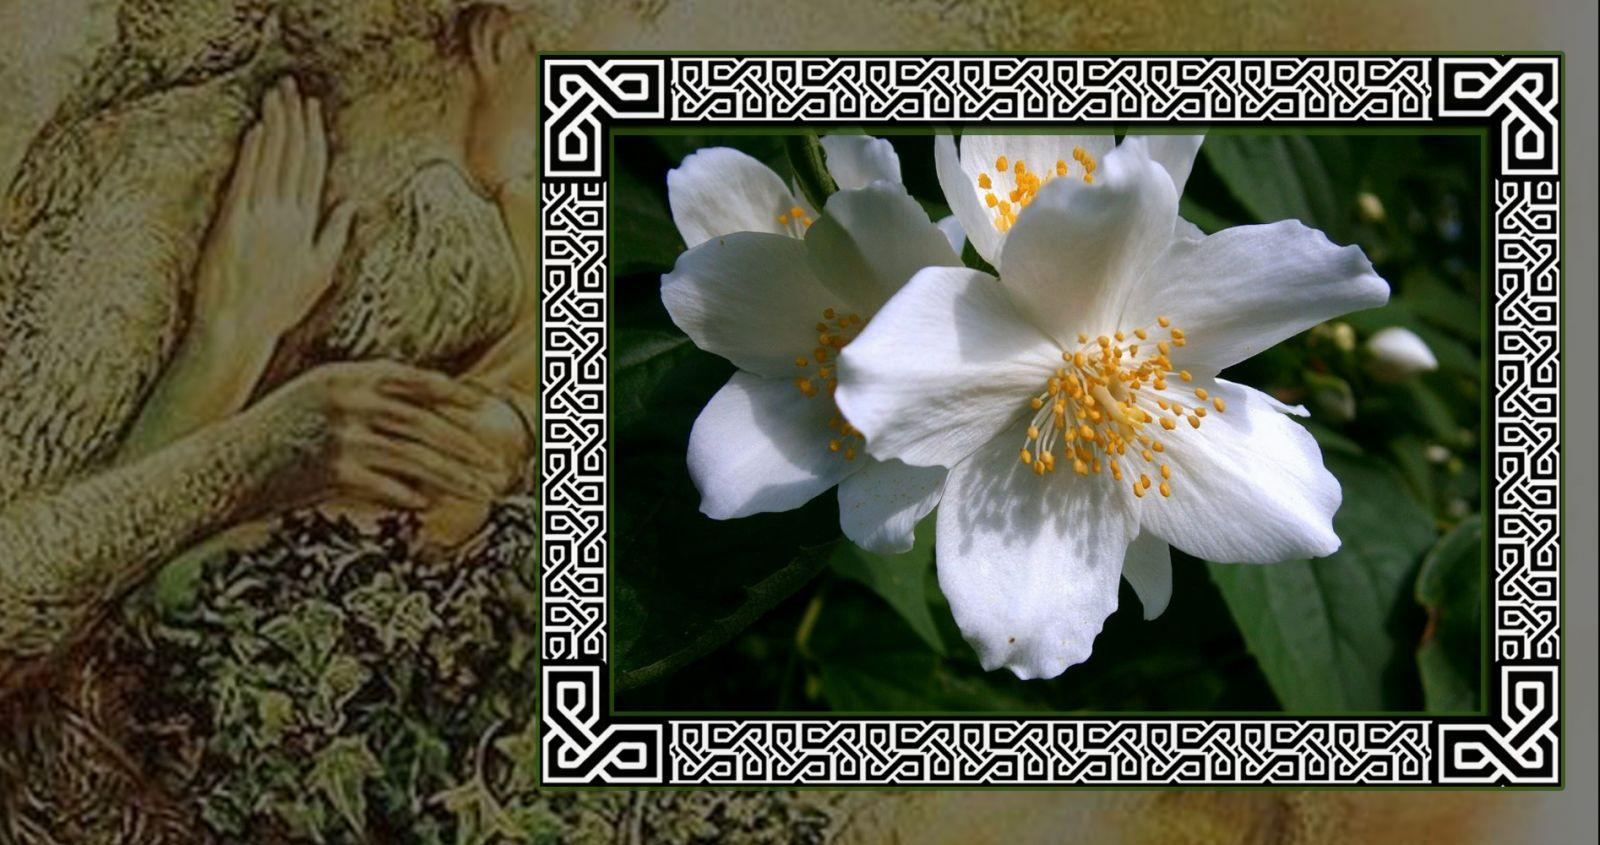 Притягательный жасмин в гороскопе друидов